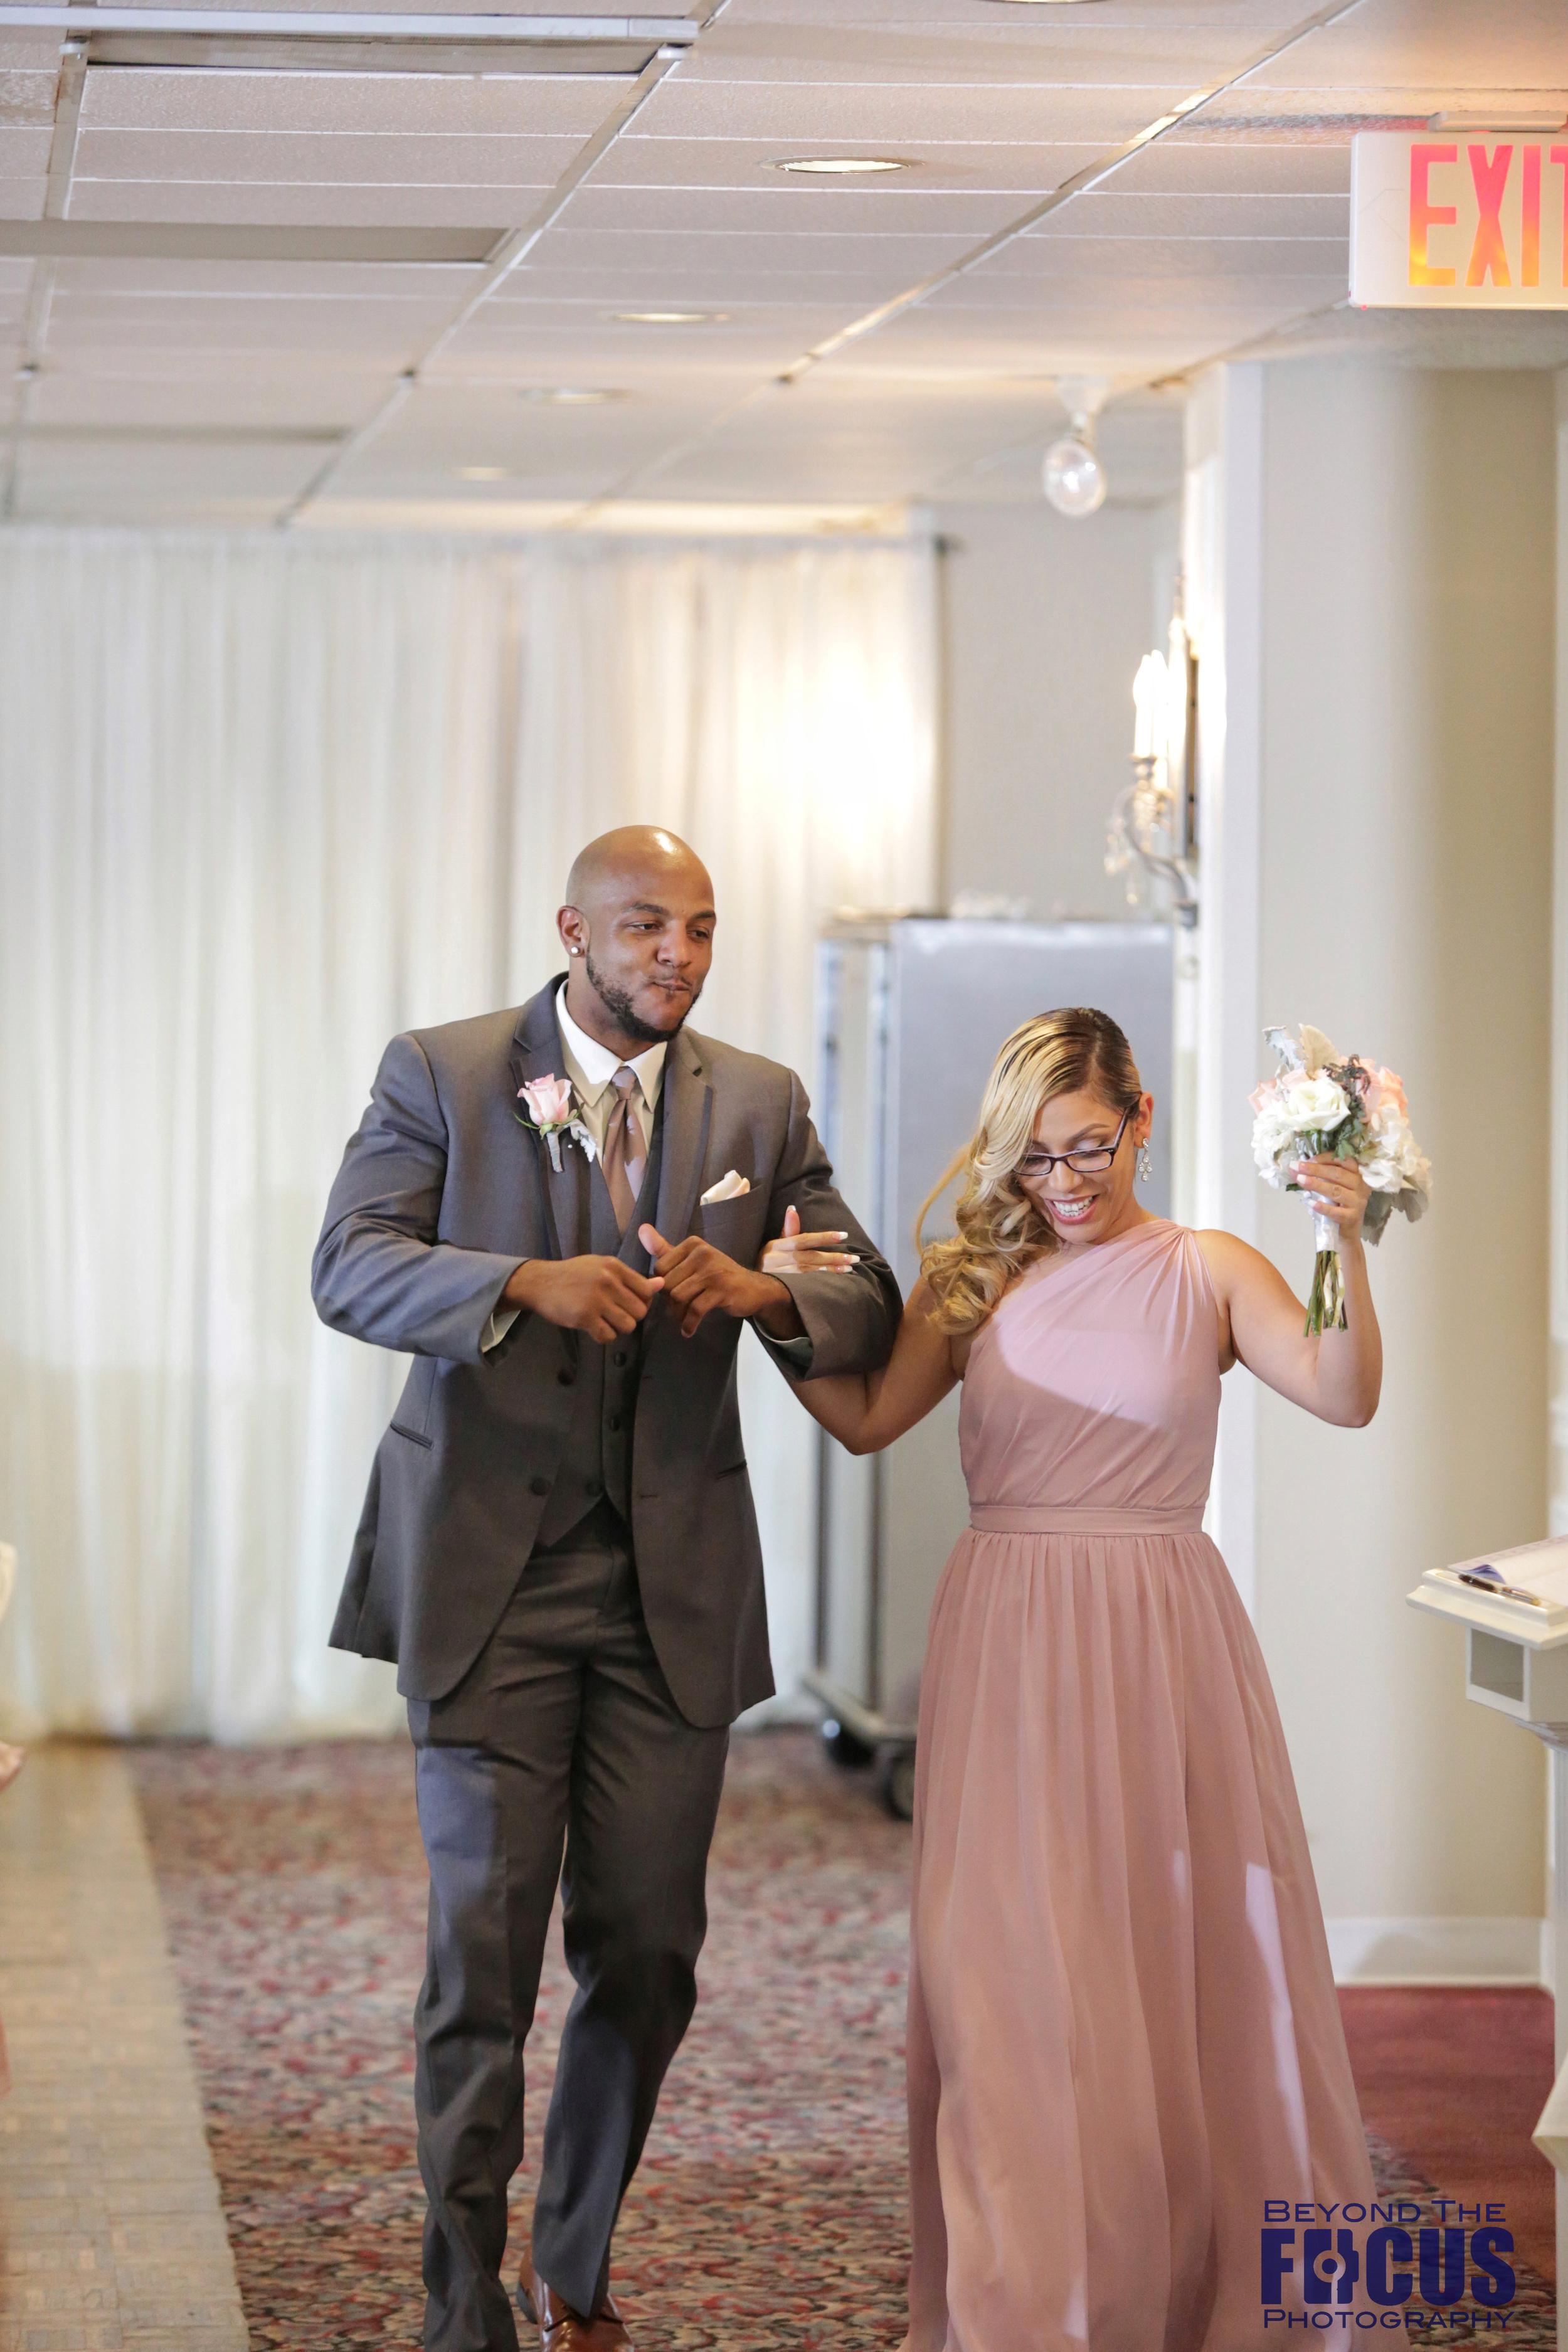 Palmer Wedding - Wedding Reception38.jpg